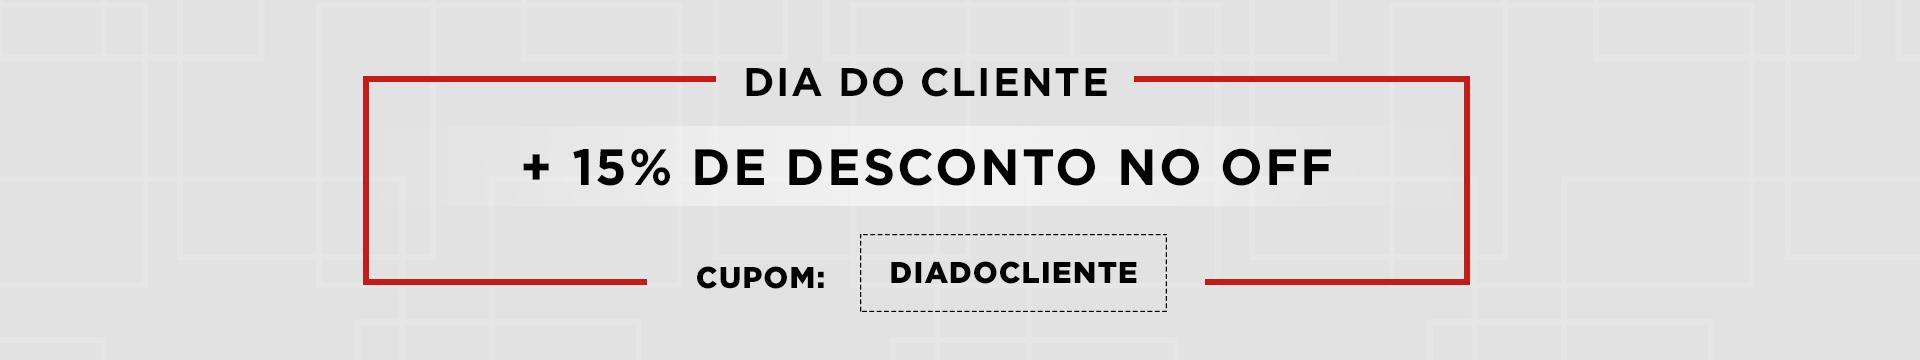 Dia do Cliente 2018